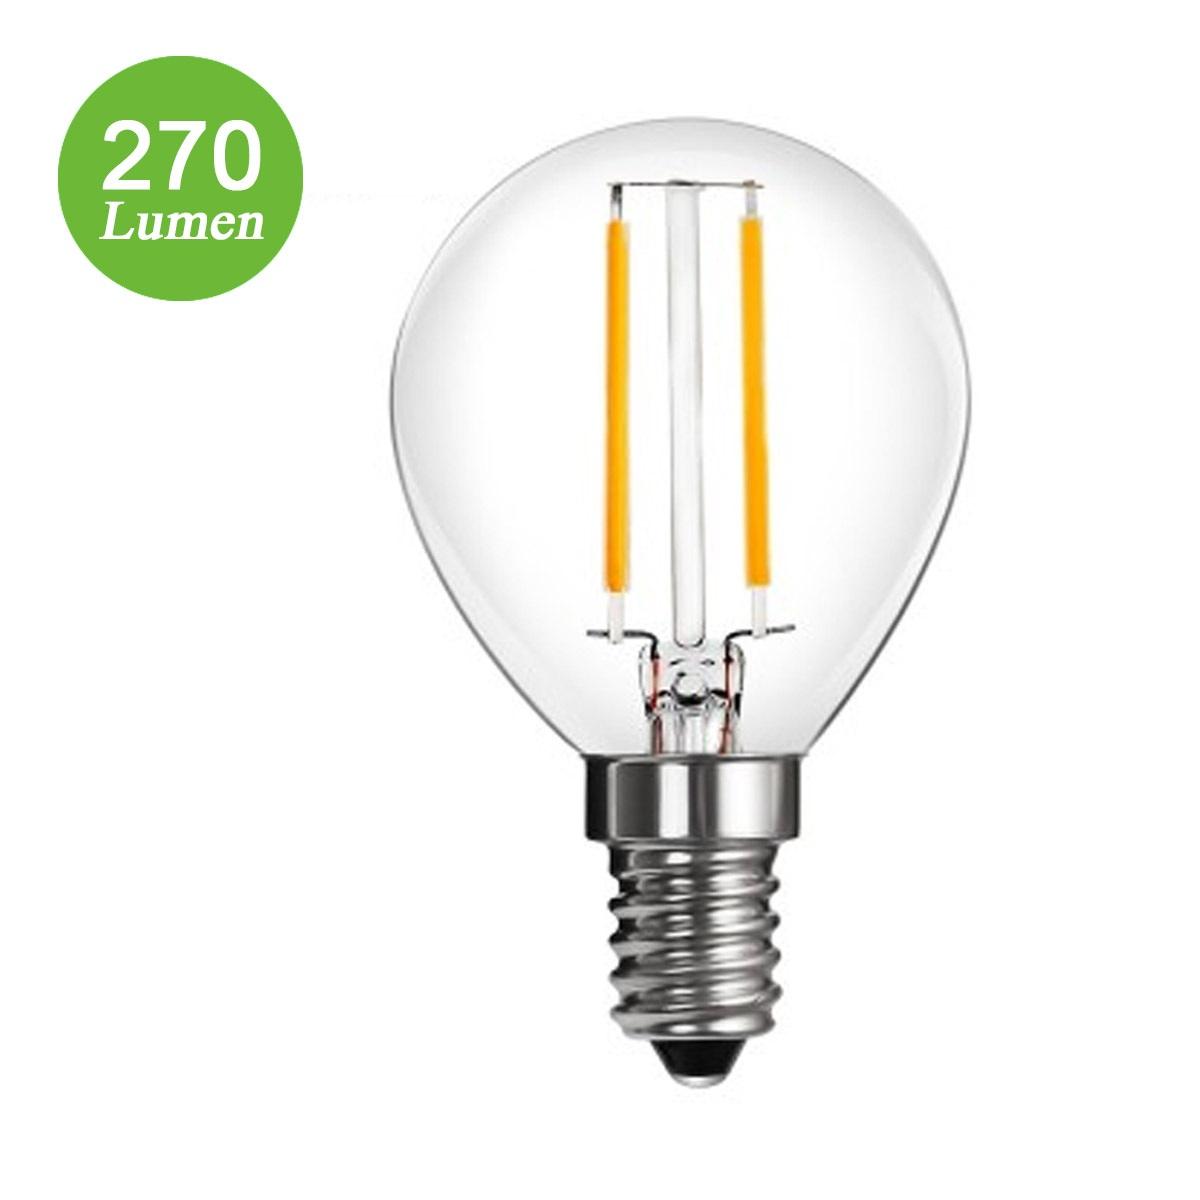 2W LED P45 Birnen mit Glühfaden, 270lm, 360° Strahler, ersetzt 25W Glühlampe, Warmweiß